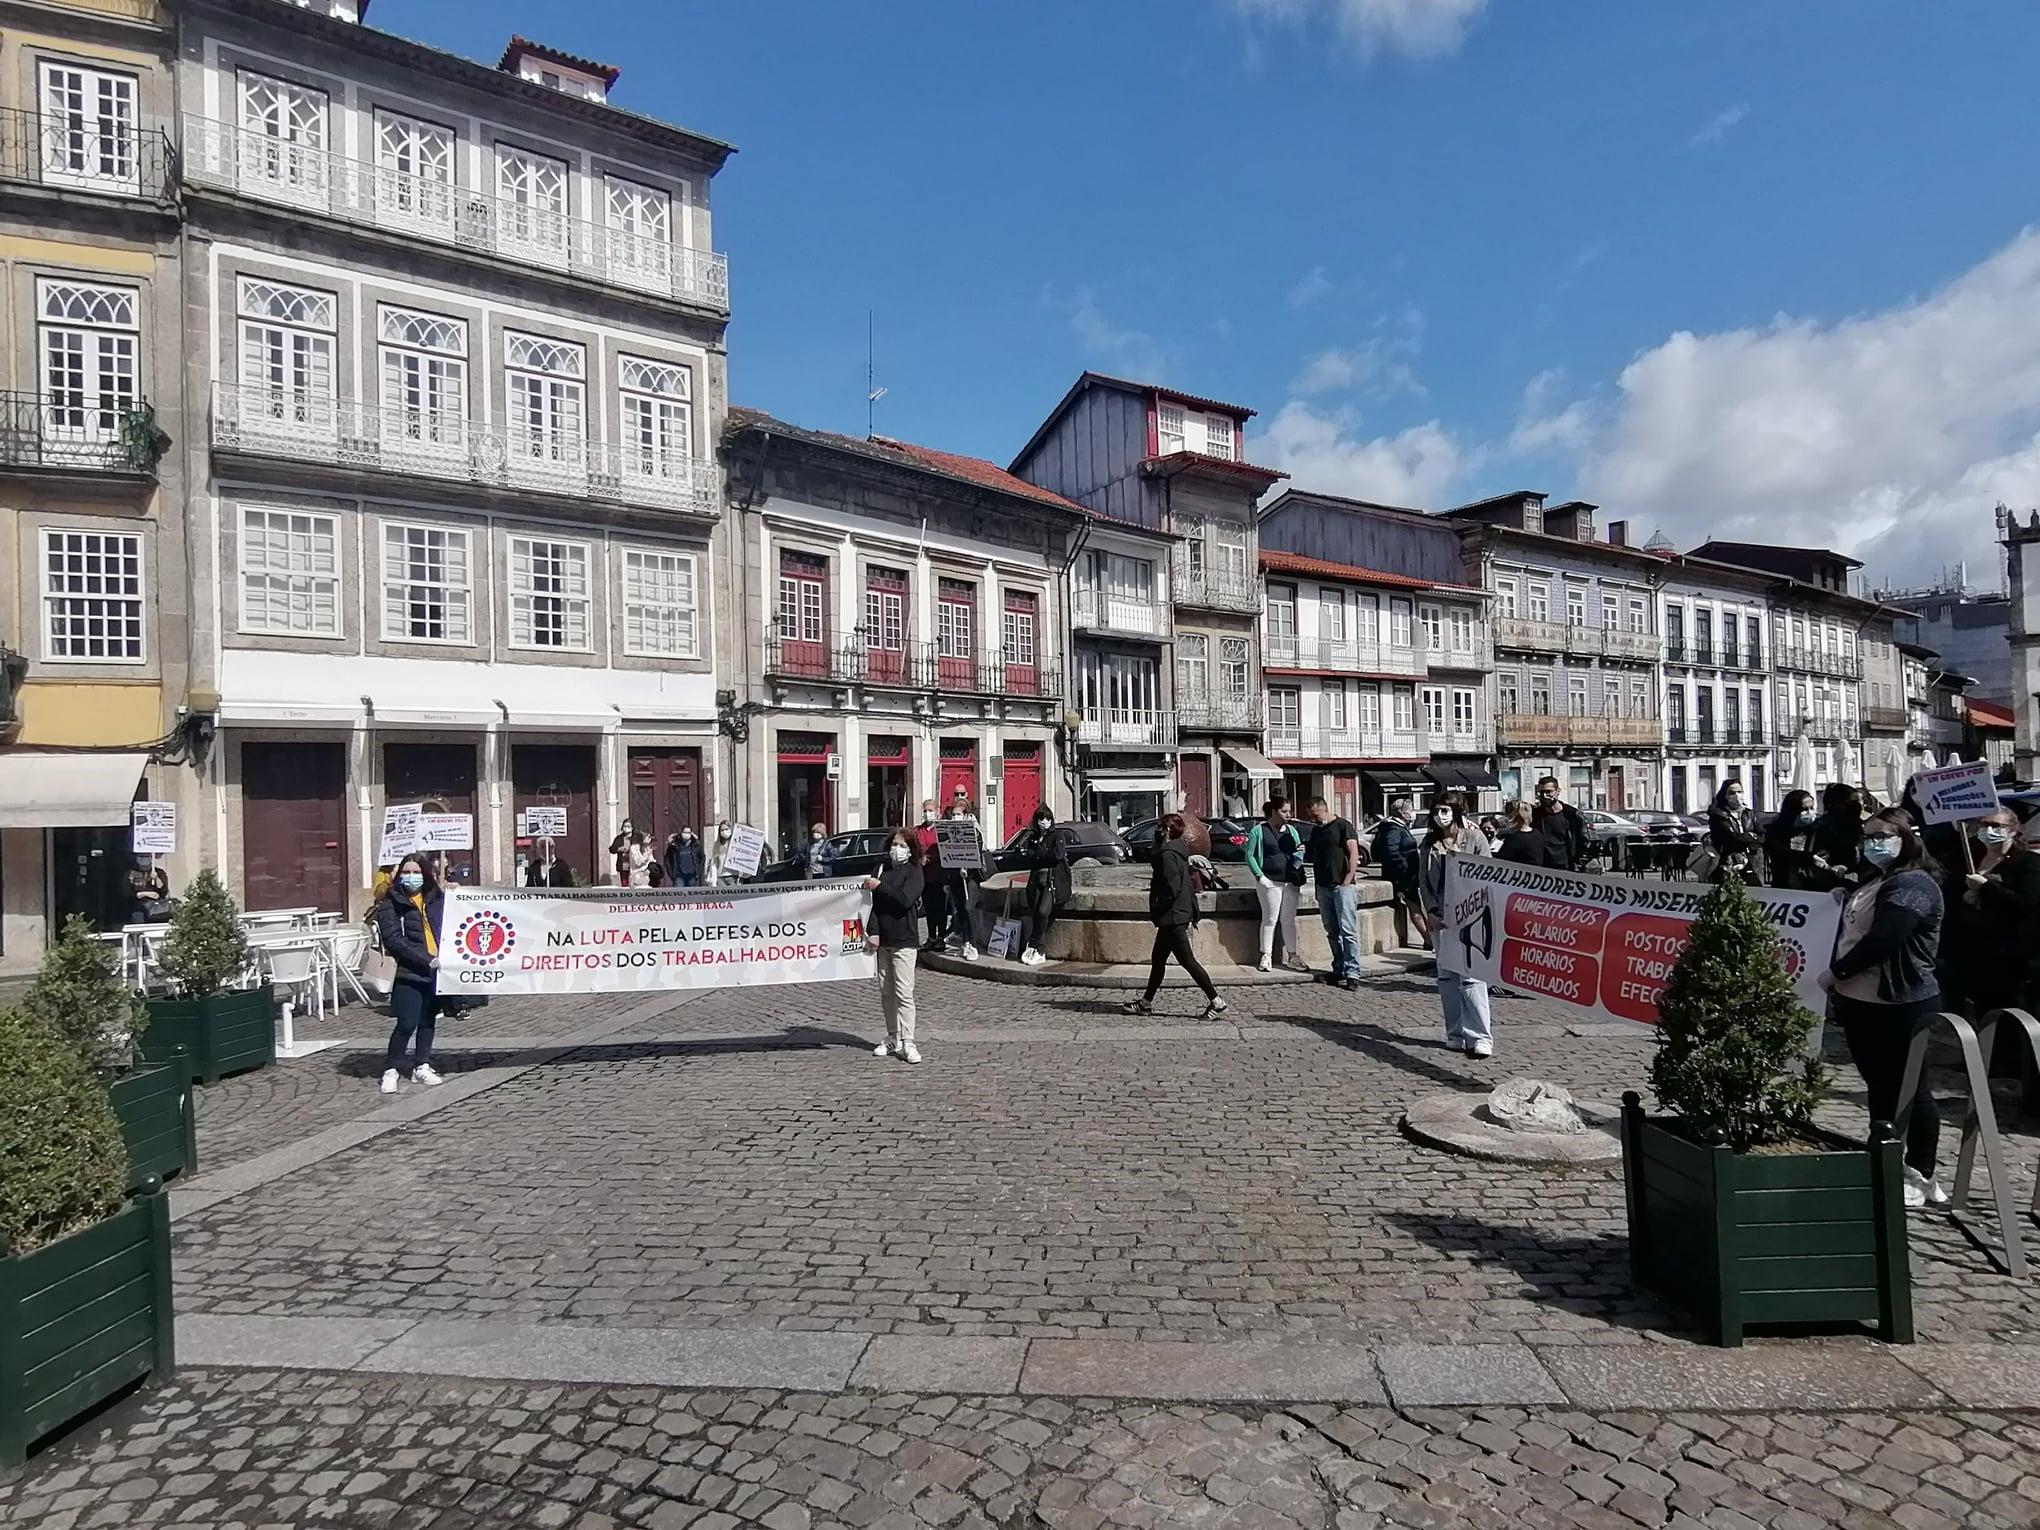 Três dezenas de trabalhadores da Santa Casa da Misericórdia de Guimarães em greve por melhores salários